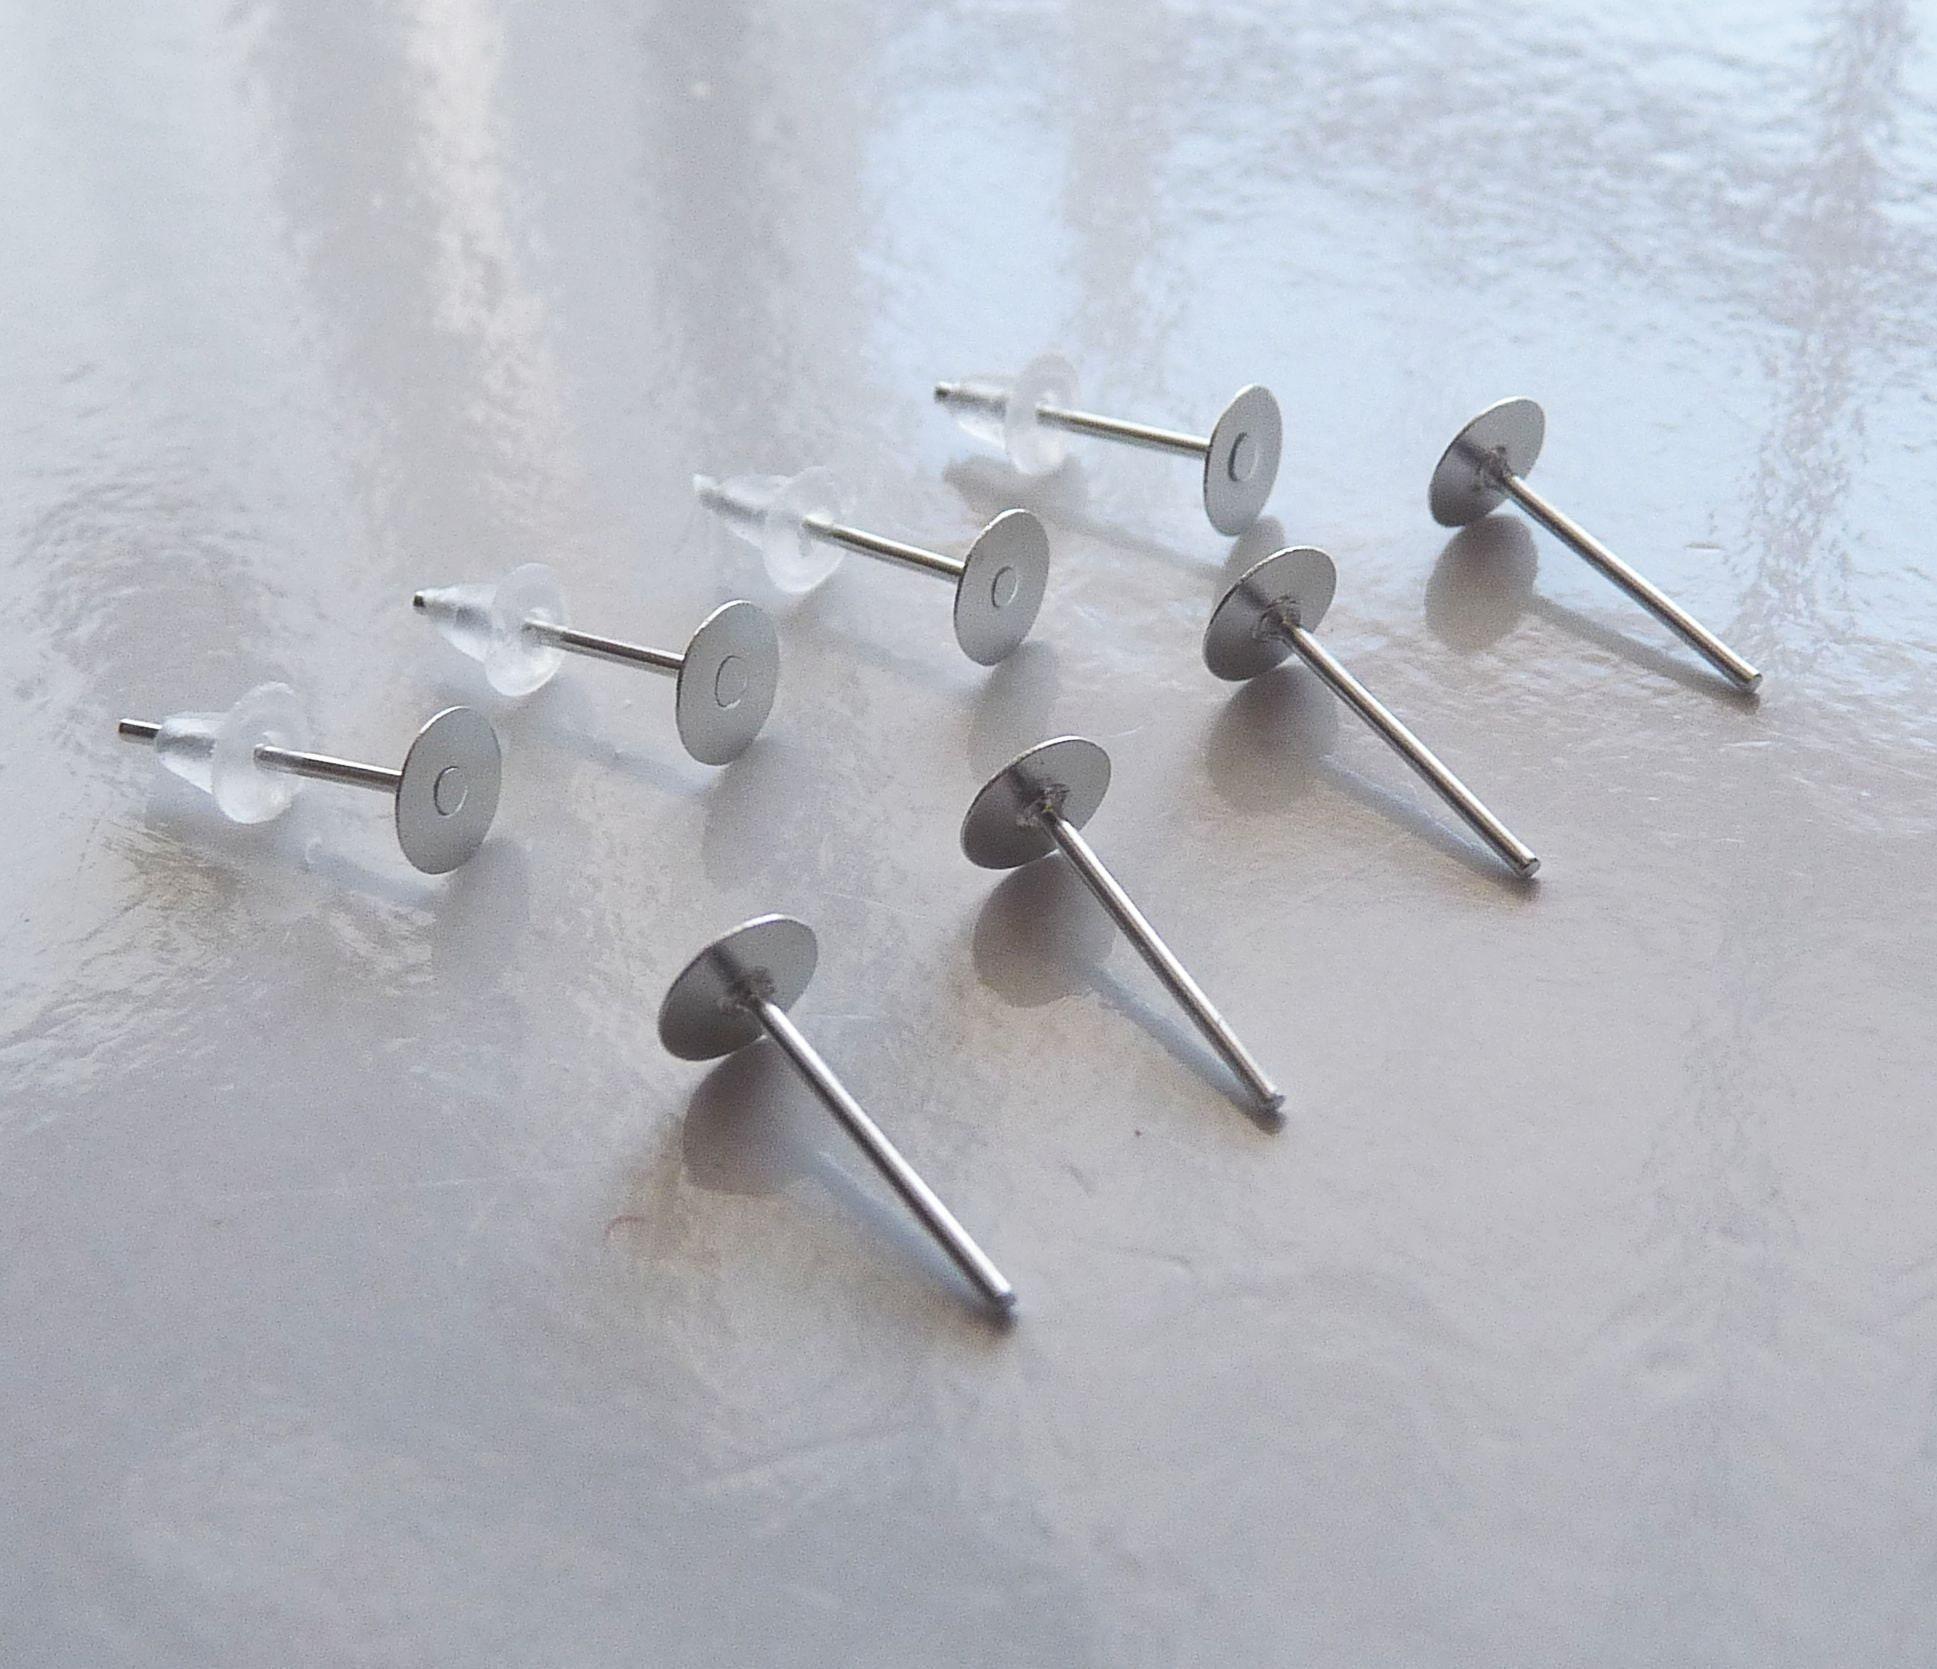 dcc45206a Hypoallergenic Earring Stud 4mm Flat Back Earring Stud | Etsy